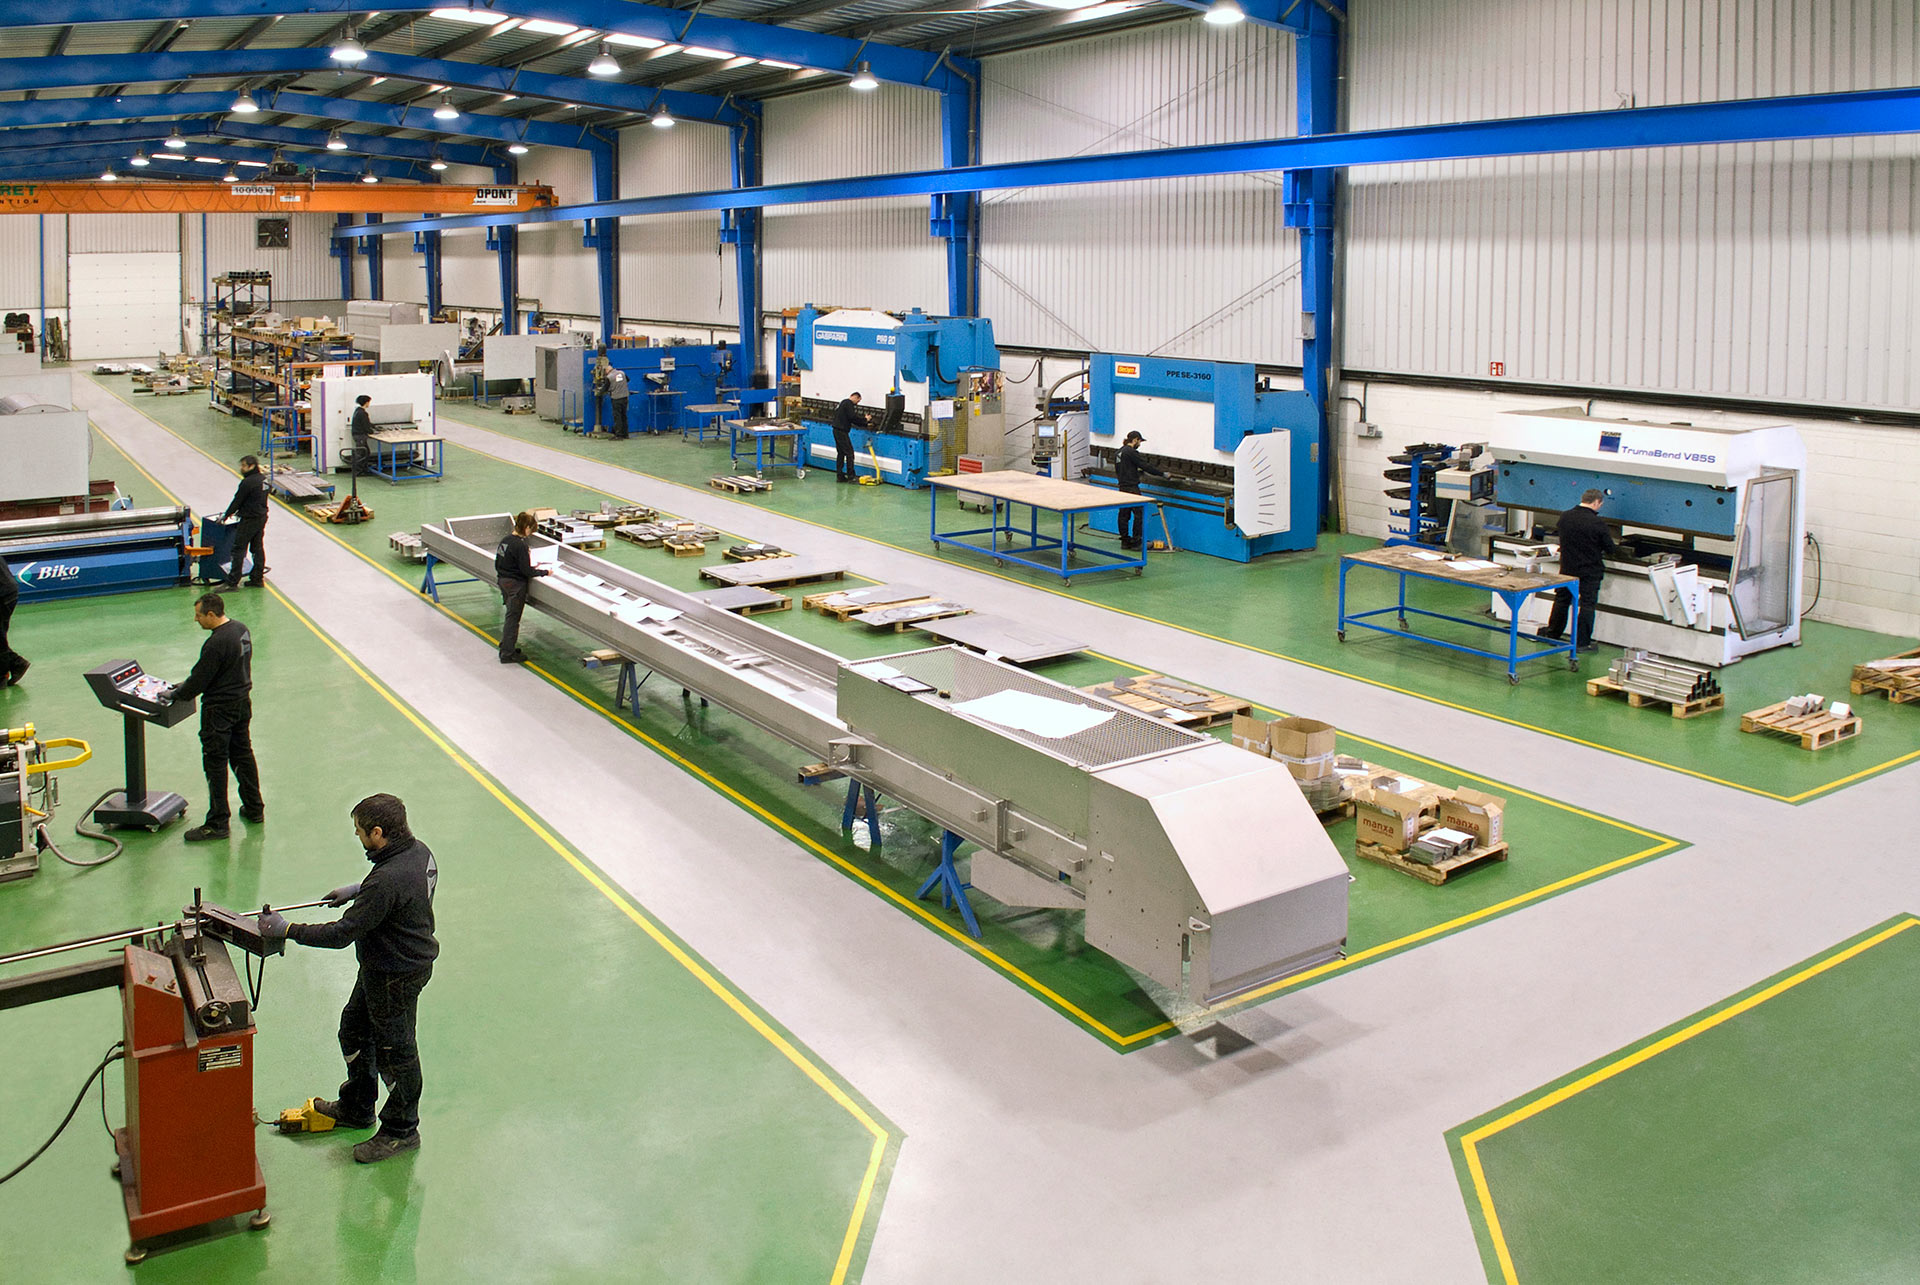 Metalaym, empresa, industria, enginyeria, Solidworks, AutoCAD, disseny, garantia, homologacions, especejament, traçabilitat, planificació